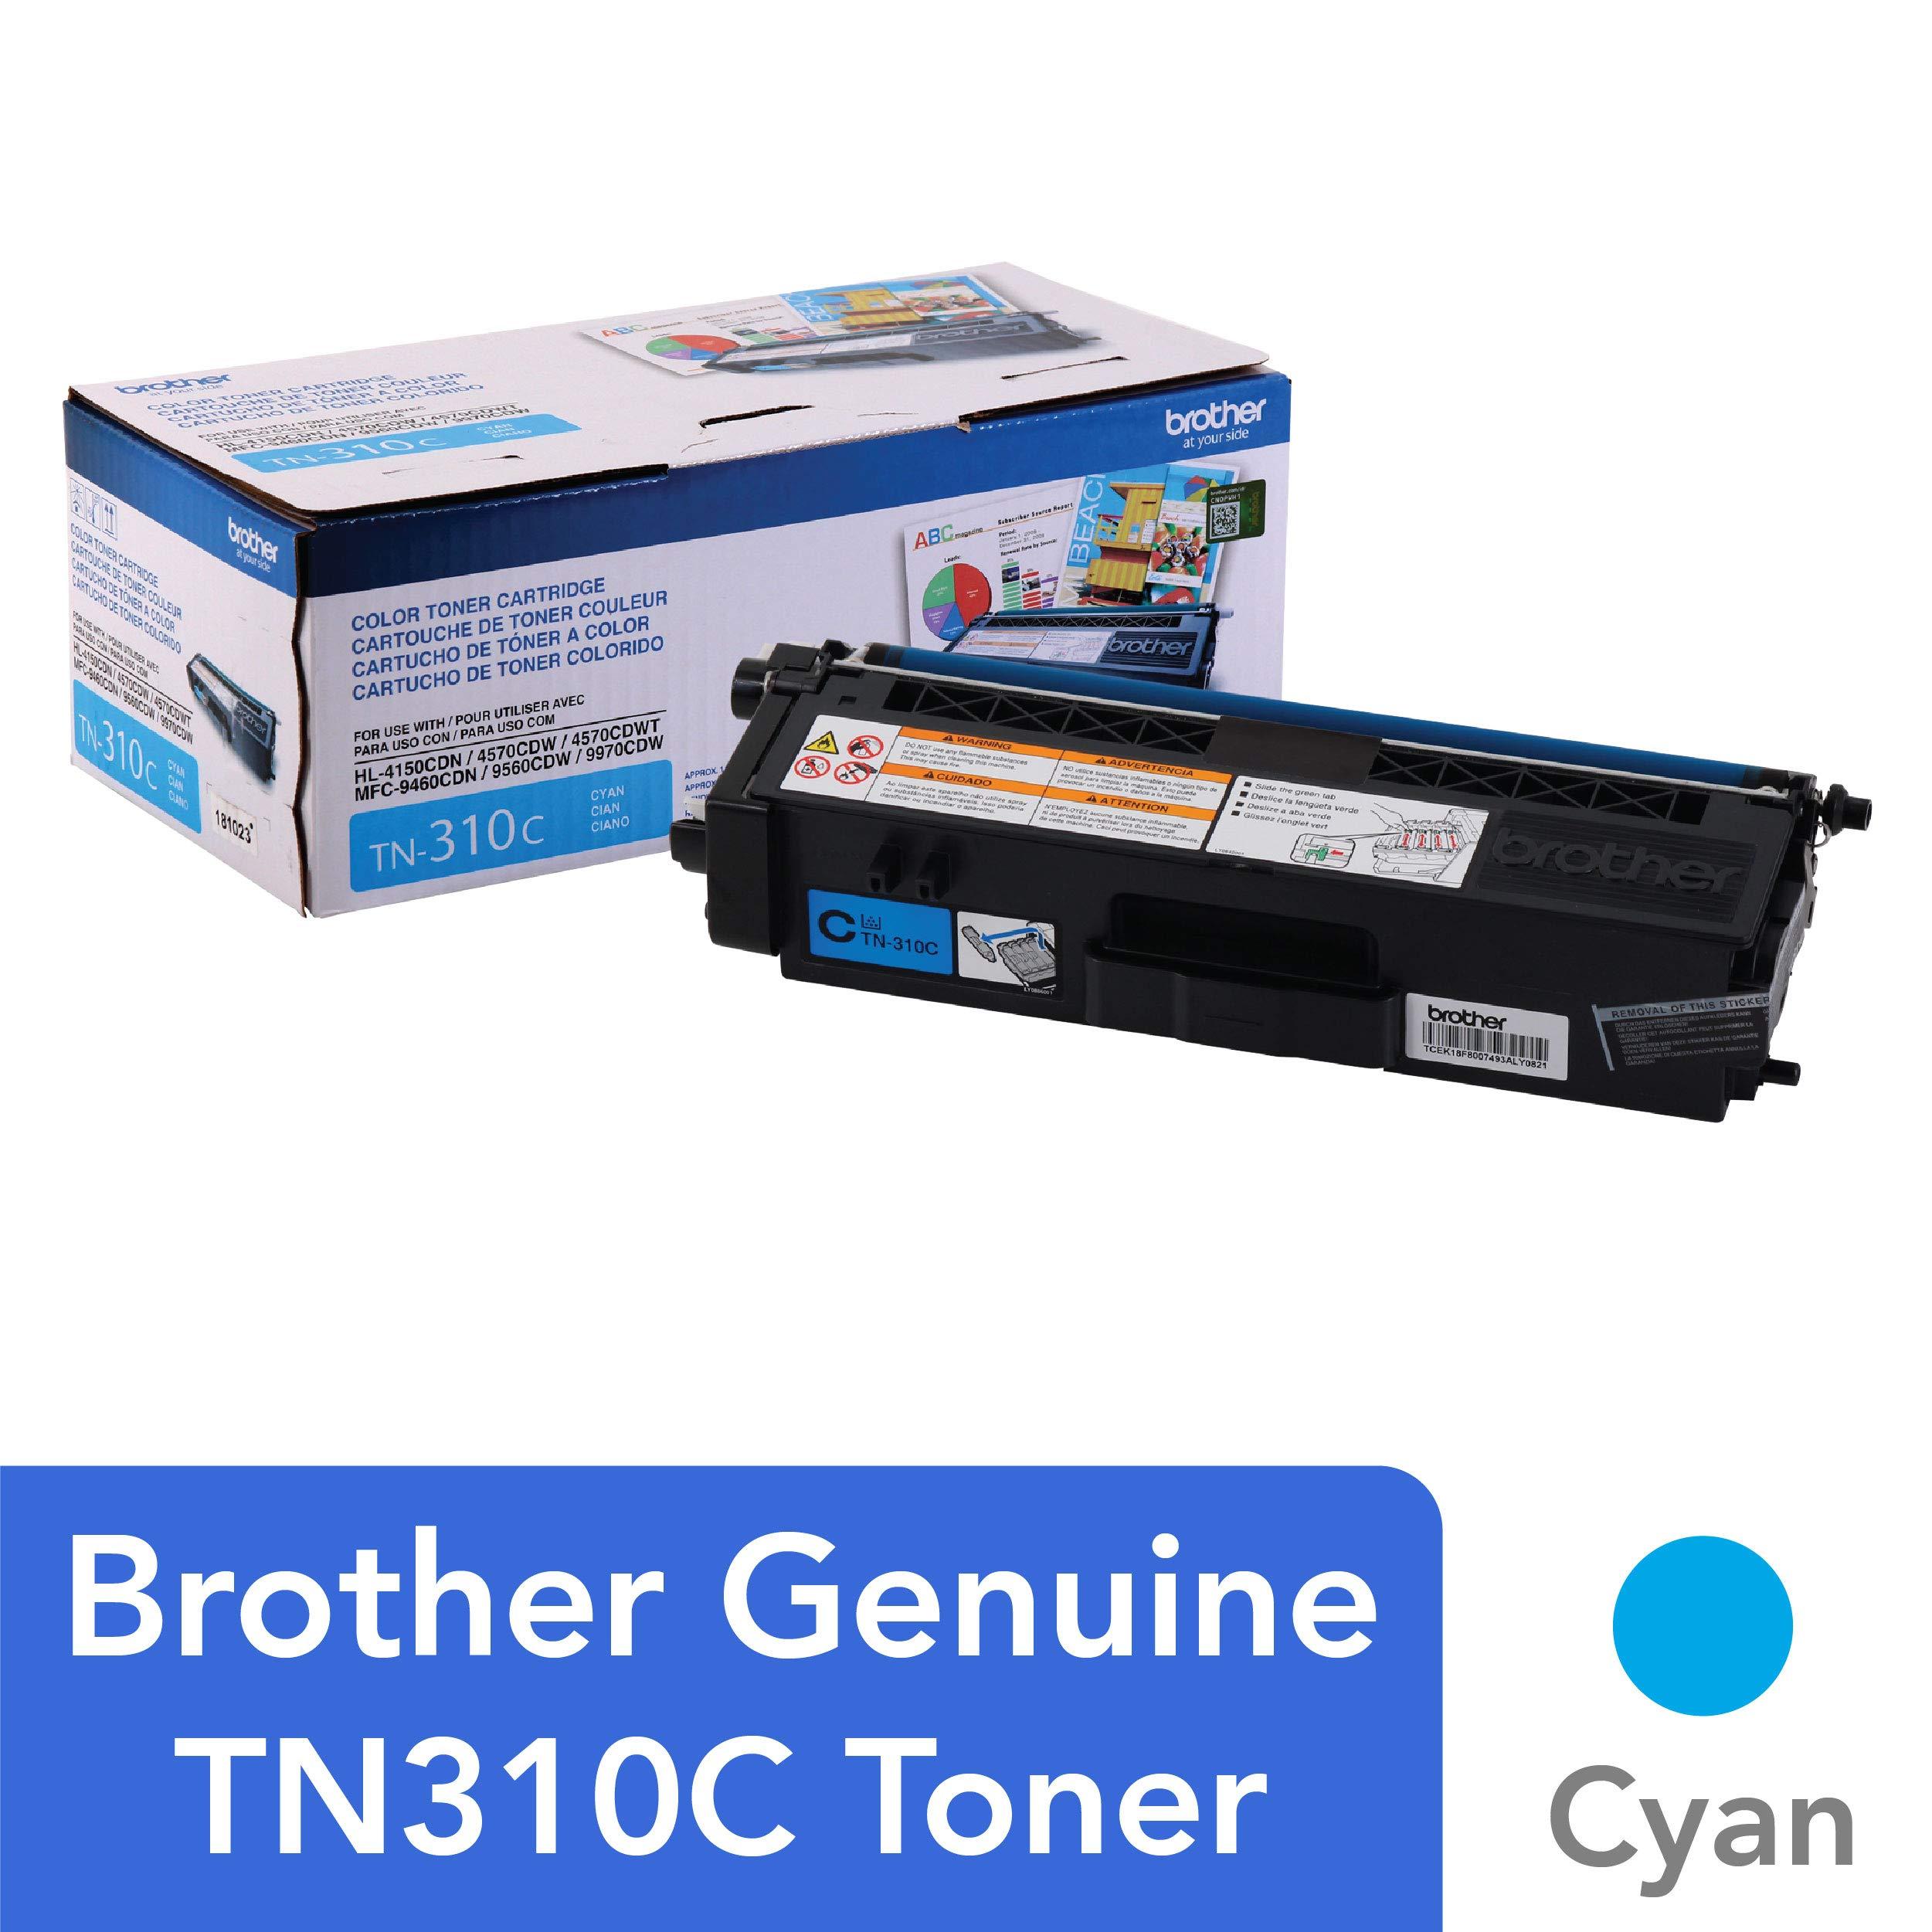 Toner Original Brother Normal Capacidad Tn310c Cyan Hasta 1,500 Paginas Tn310